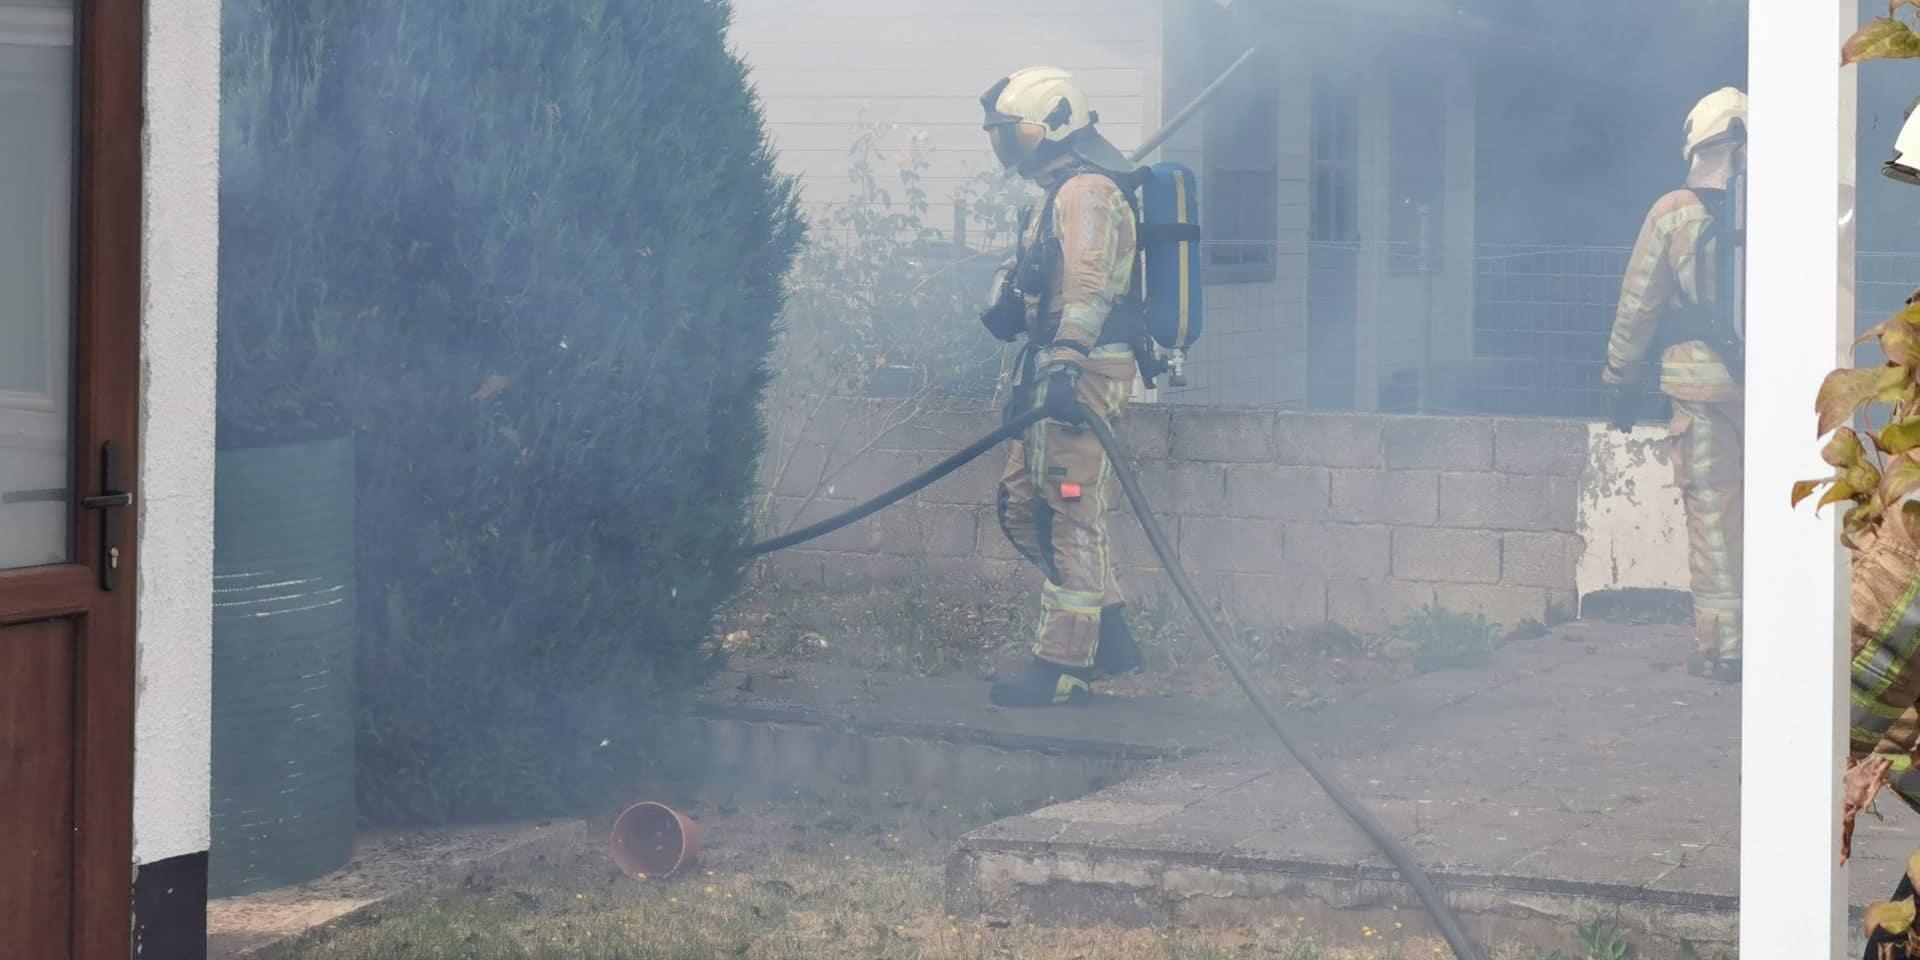 Incendie dans une remise à Viesville